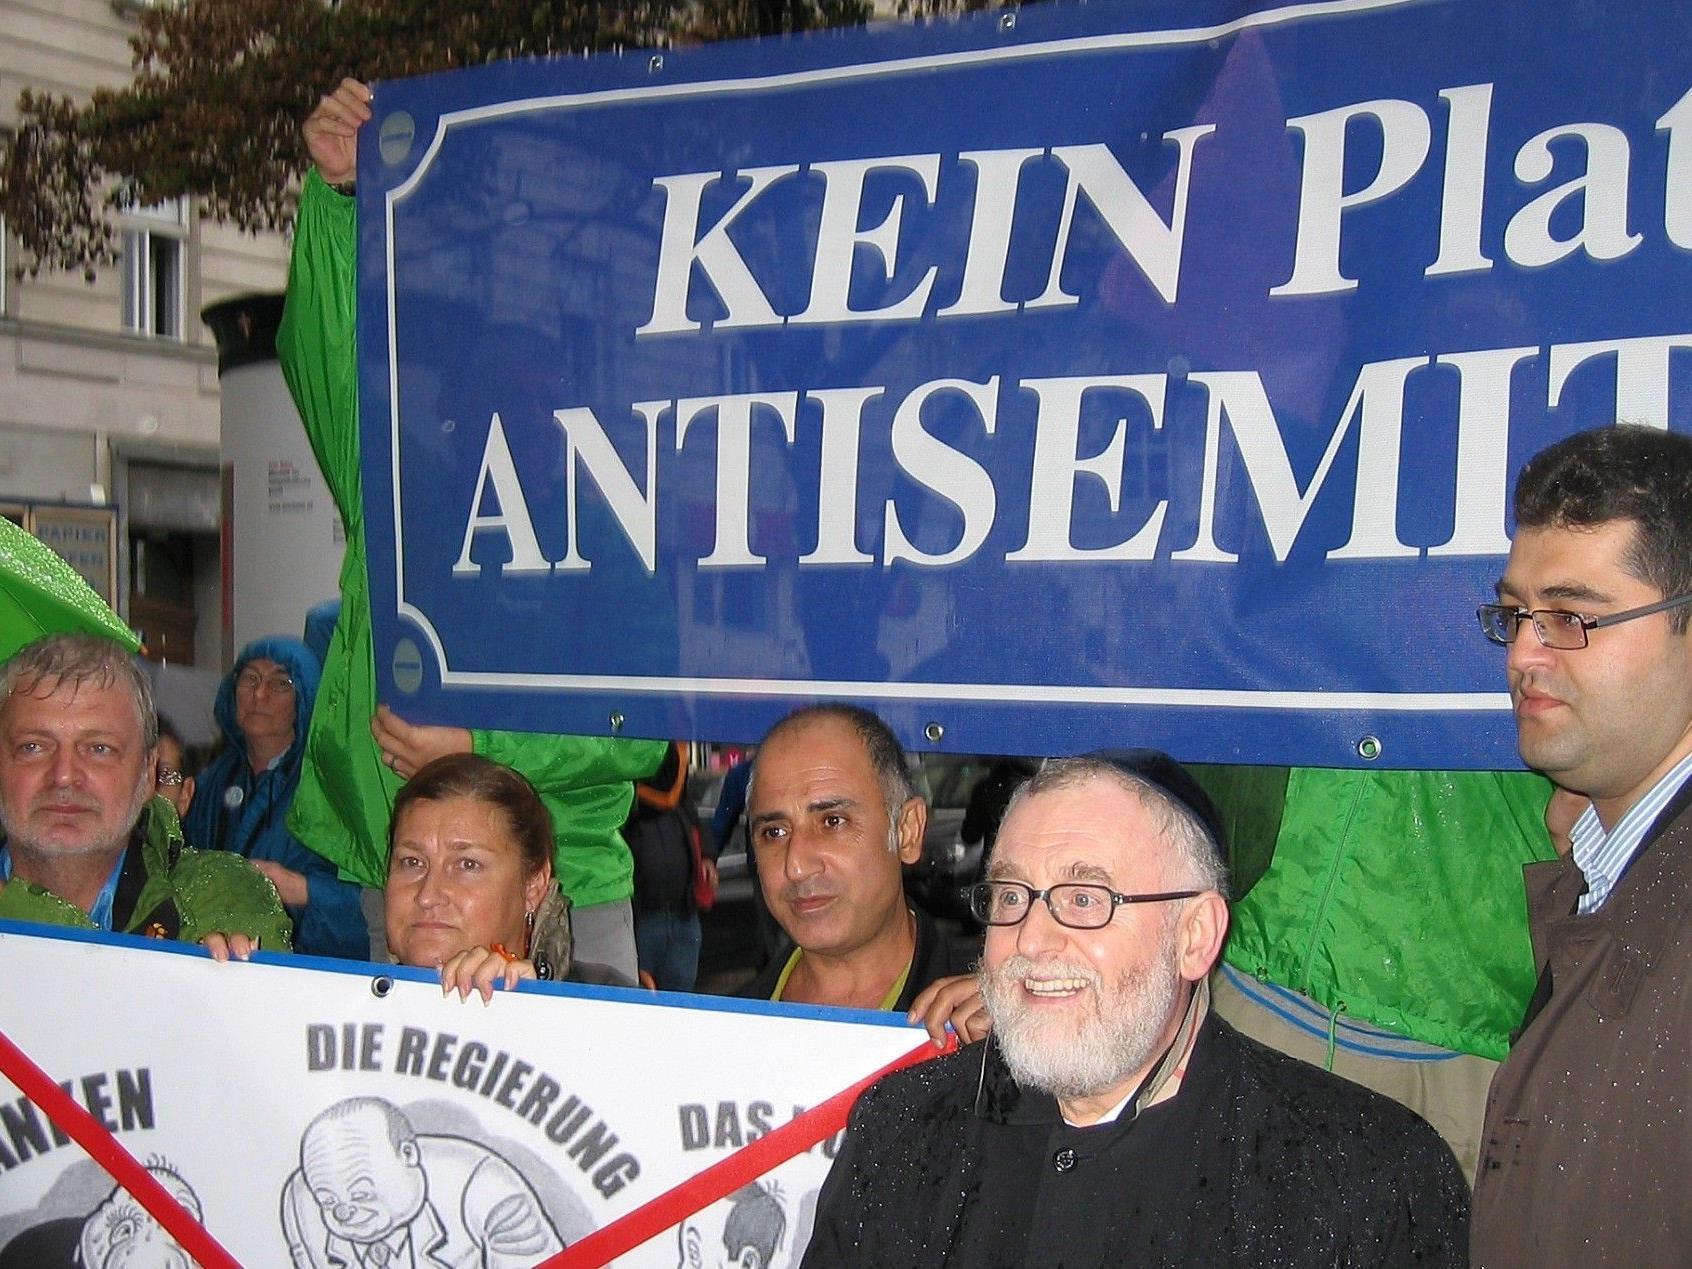 """""""Kein Platz für Antisemetismus"""" lautete die Aussage des Flashmobs am Wiener Schwedenplatz."""